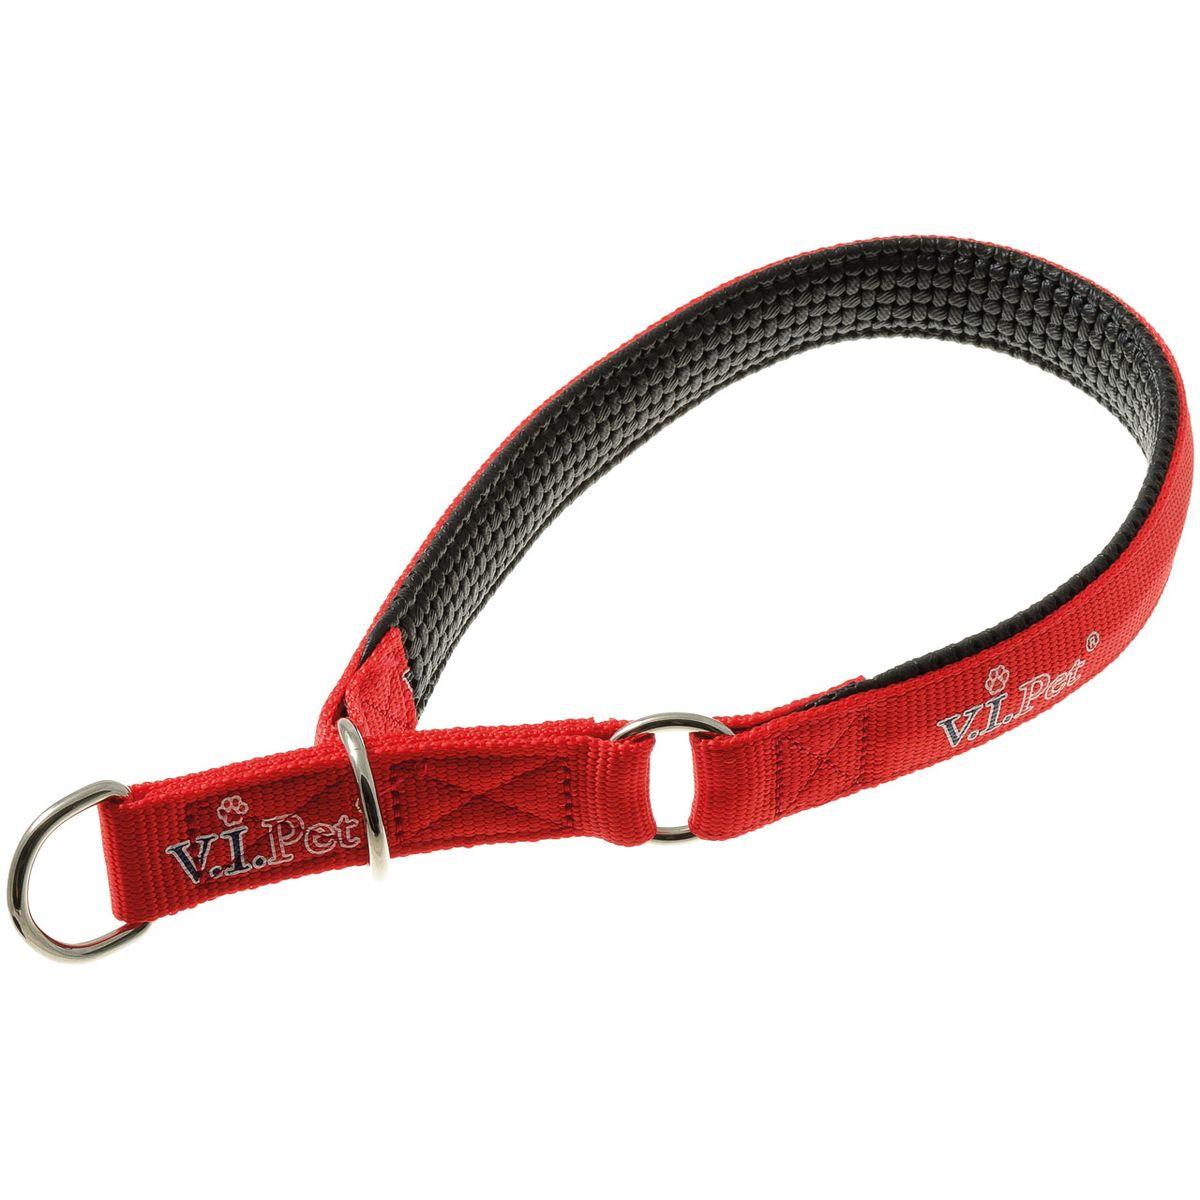 Ошейник для собак V.I.Pet, цвет: красный, ширина 25 мм, длина 50-60 см75-2083Ошейник V.I.Pet выполнен из высококачественного нейлона, который легко стирается и быстро сохнет, долго сохраняет яркие цвета и не красит шерсть, даже во время водных процедур. Имеет неопреновую подкладку, все швы аккуратно обработаны, что особенно оценят собаки с нежной кожей. Ошейник надежно и бережно удержит любую собаку. Вся используемая фурнитура - сварная.